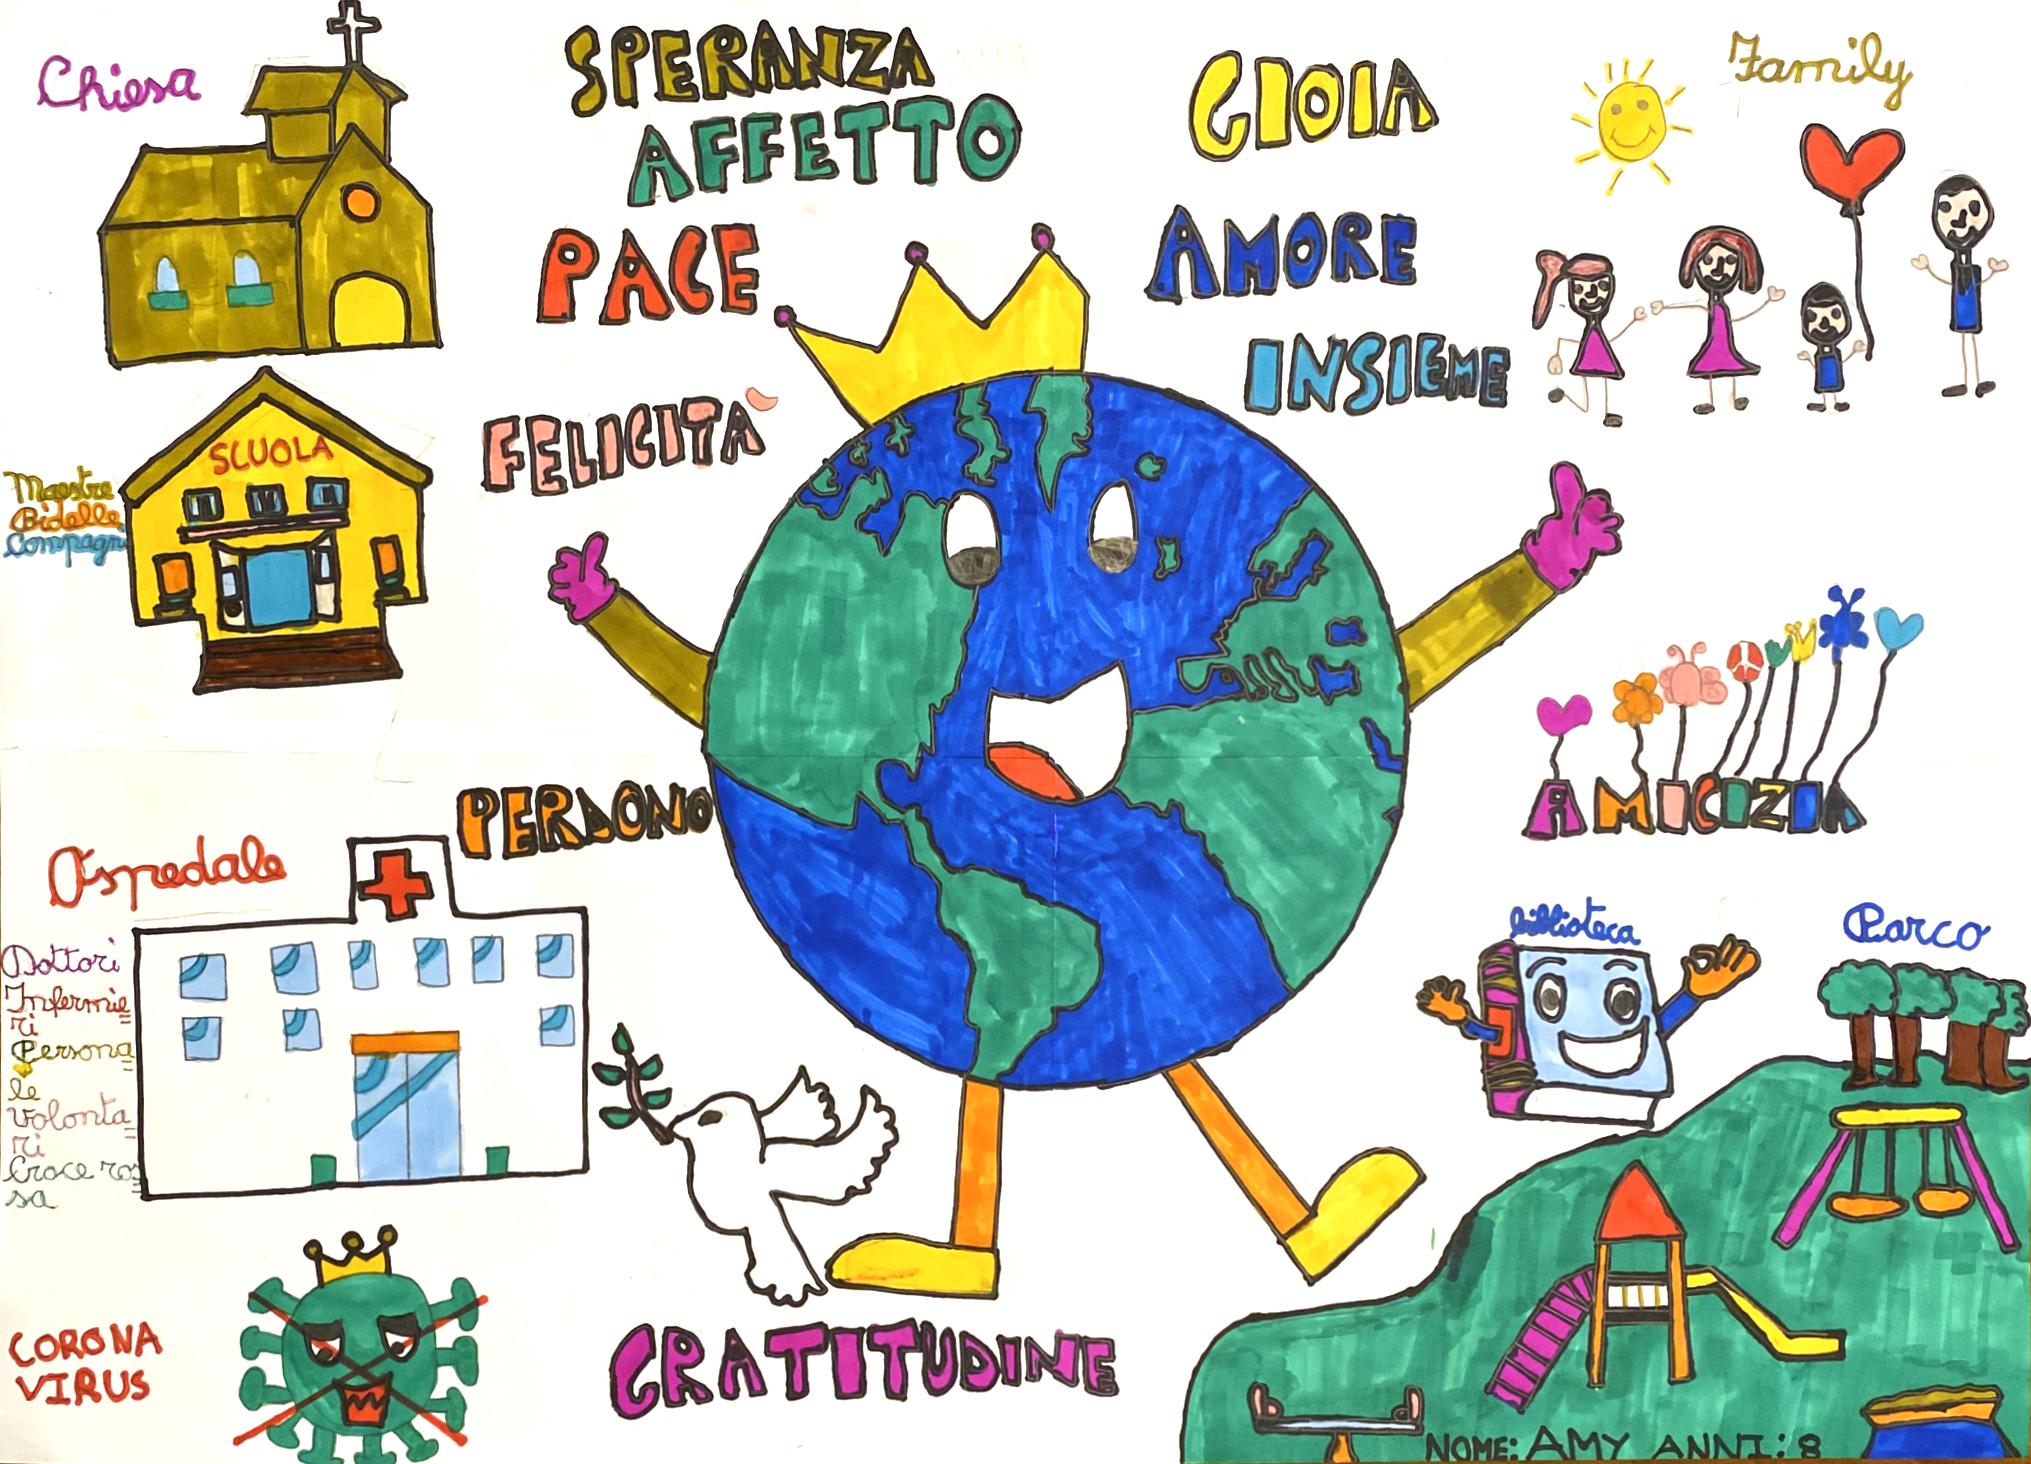 Questo disegno lo ha fatto Amy Sophie (8 anni)